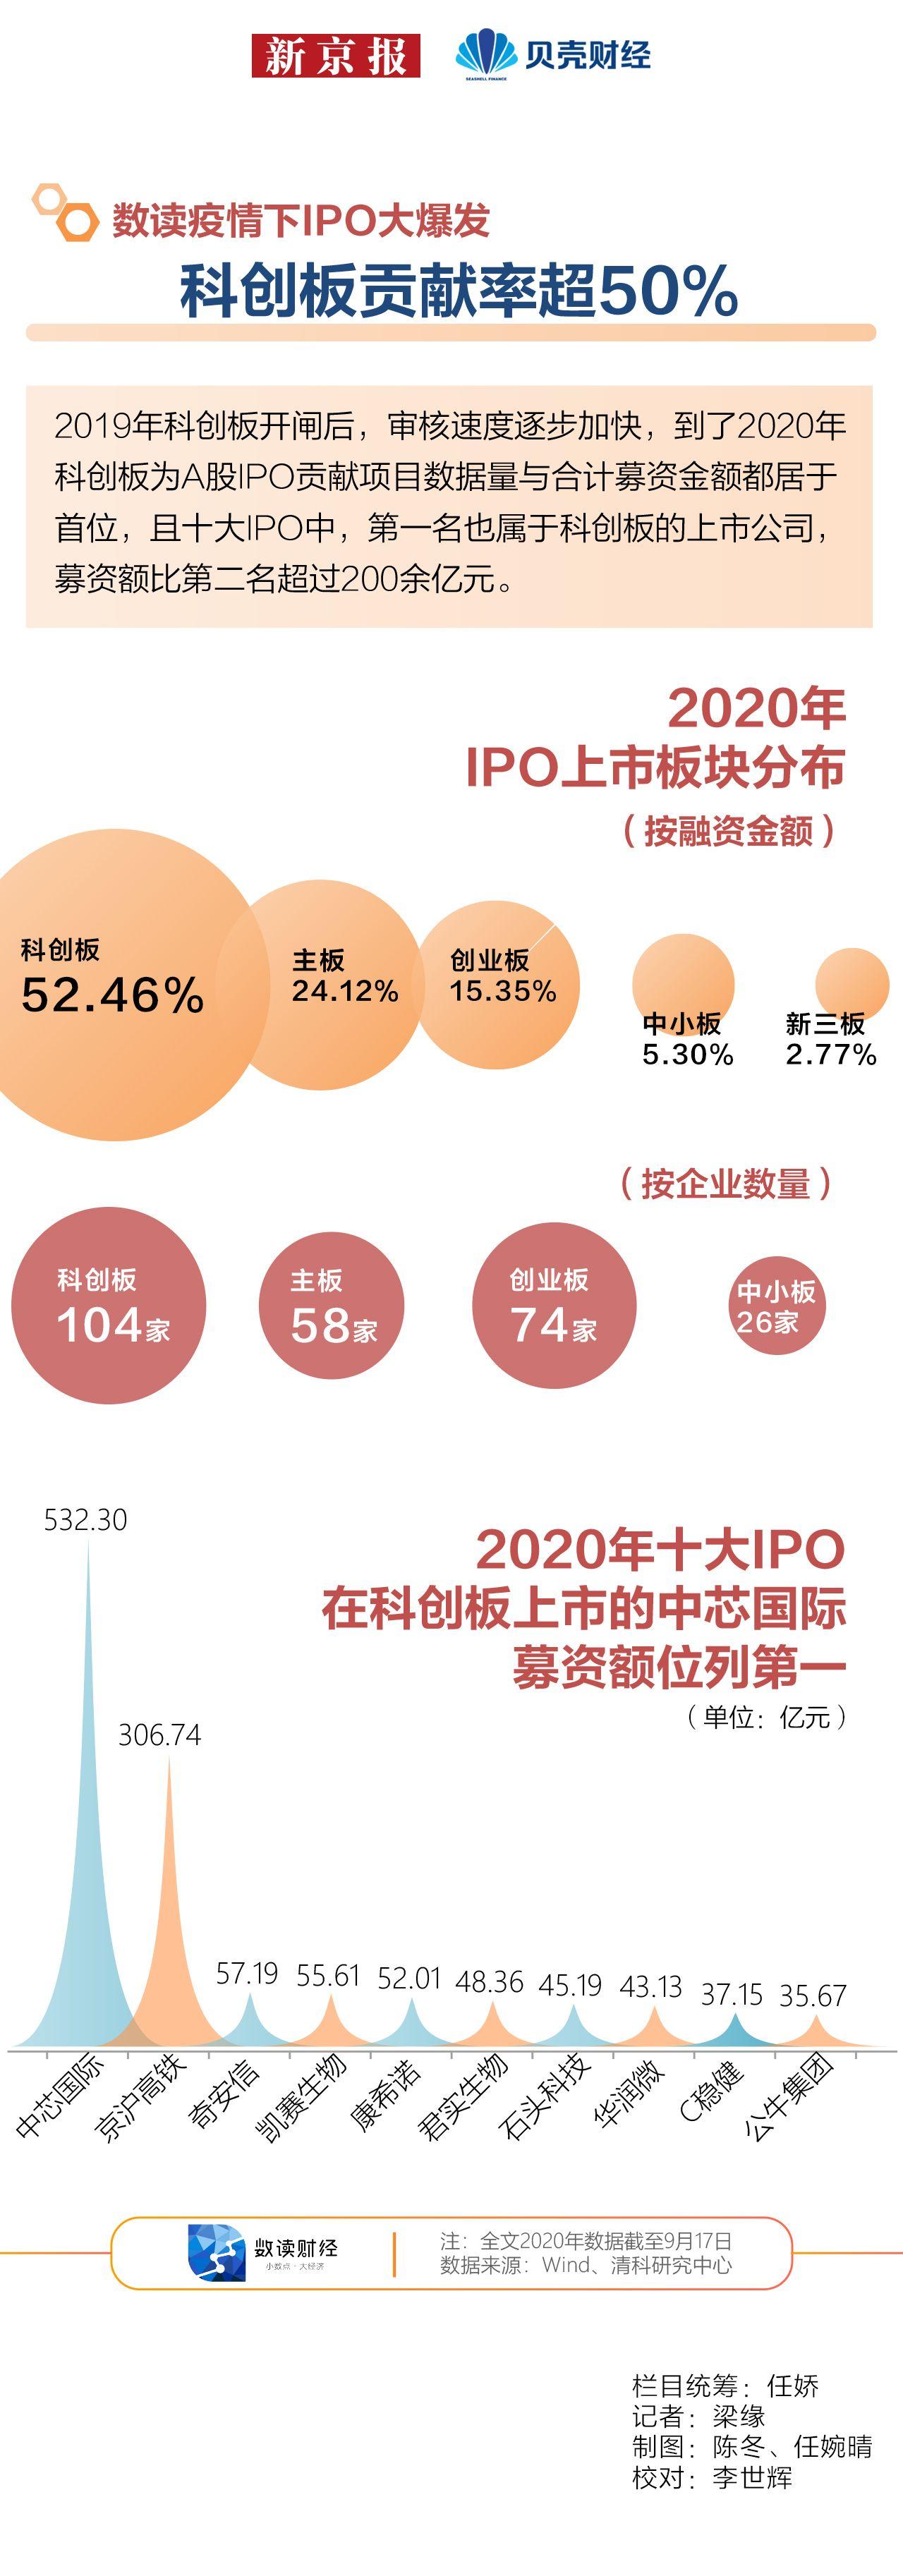 数读 疫情下IPO大爆发② 科创板贡献率超50%图片